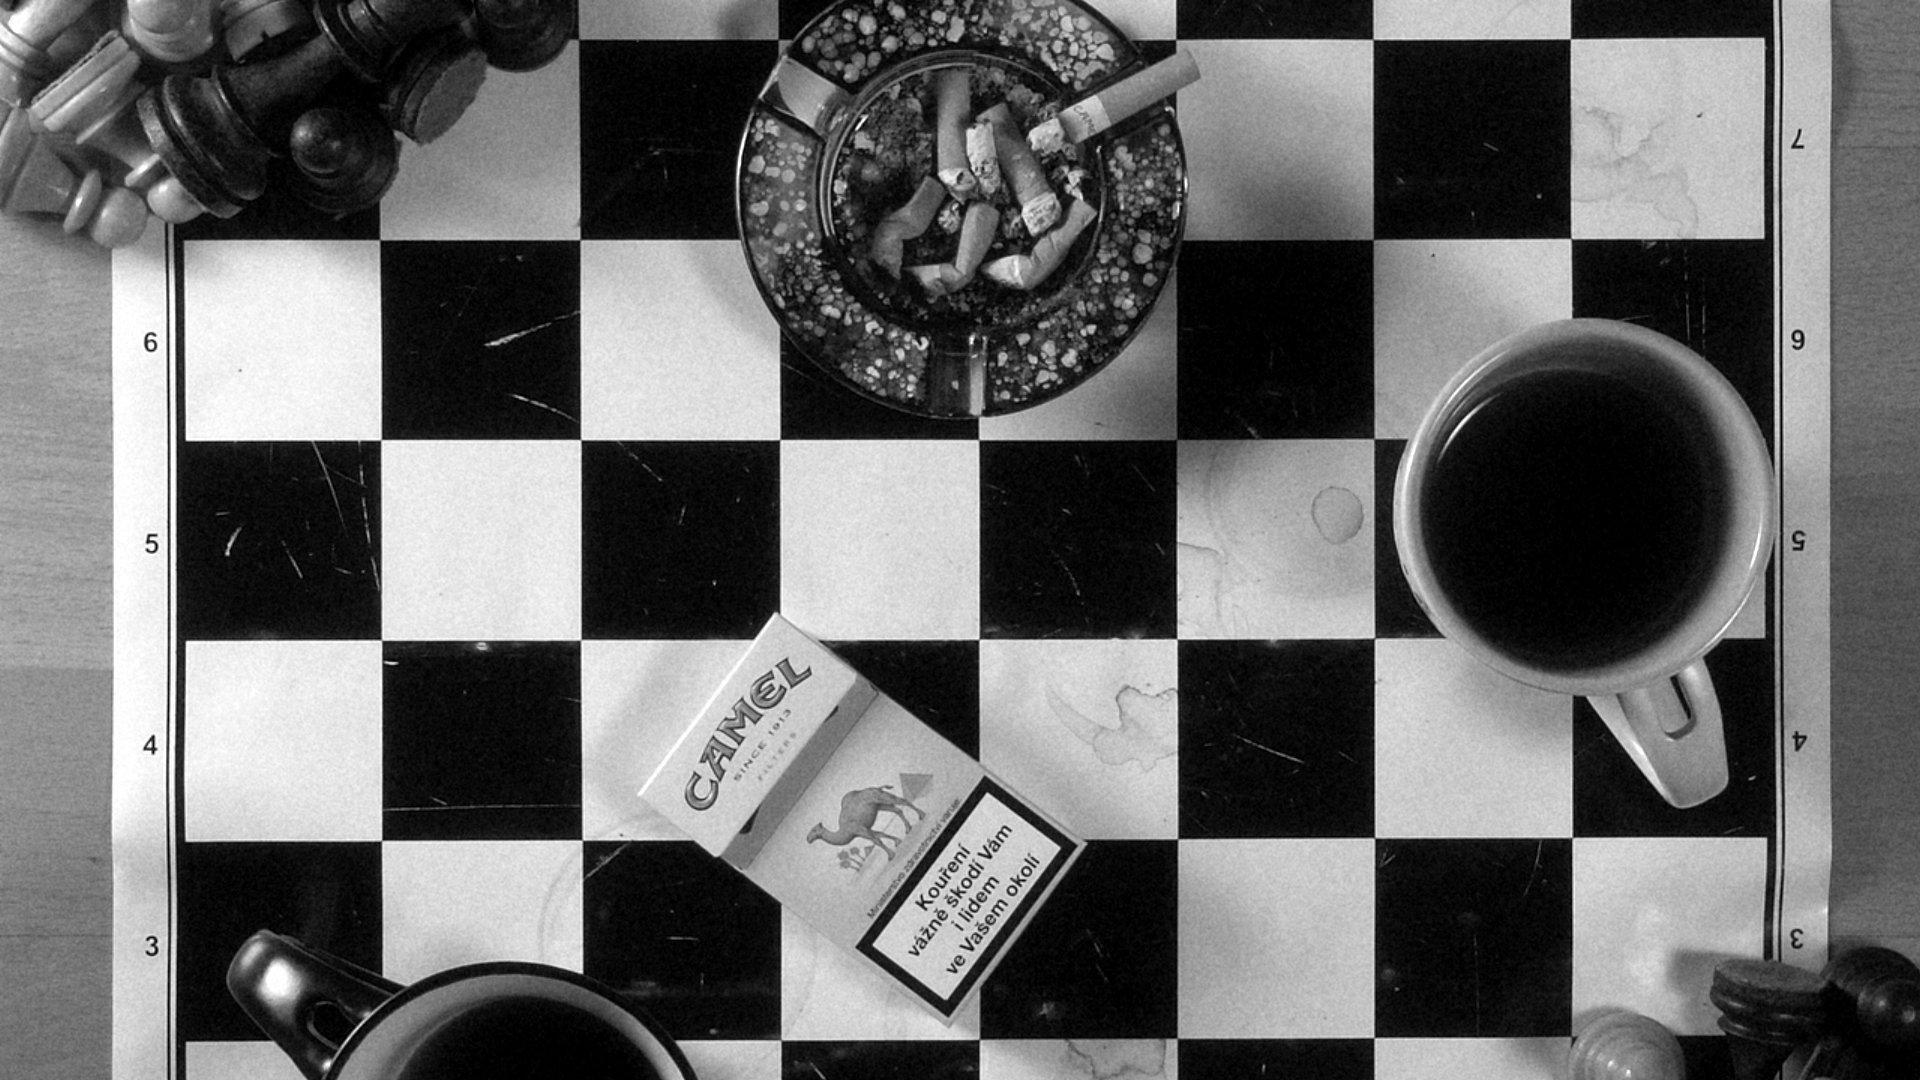 Кофе и сигареты смотреть фото